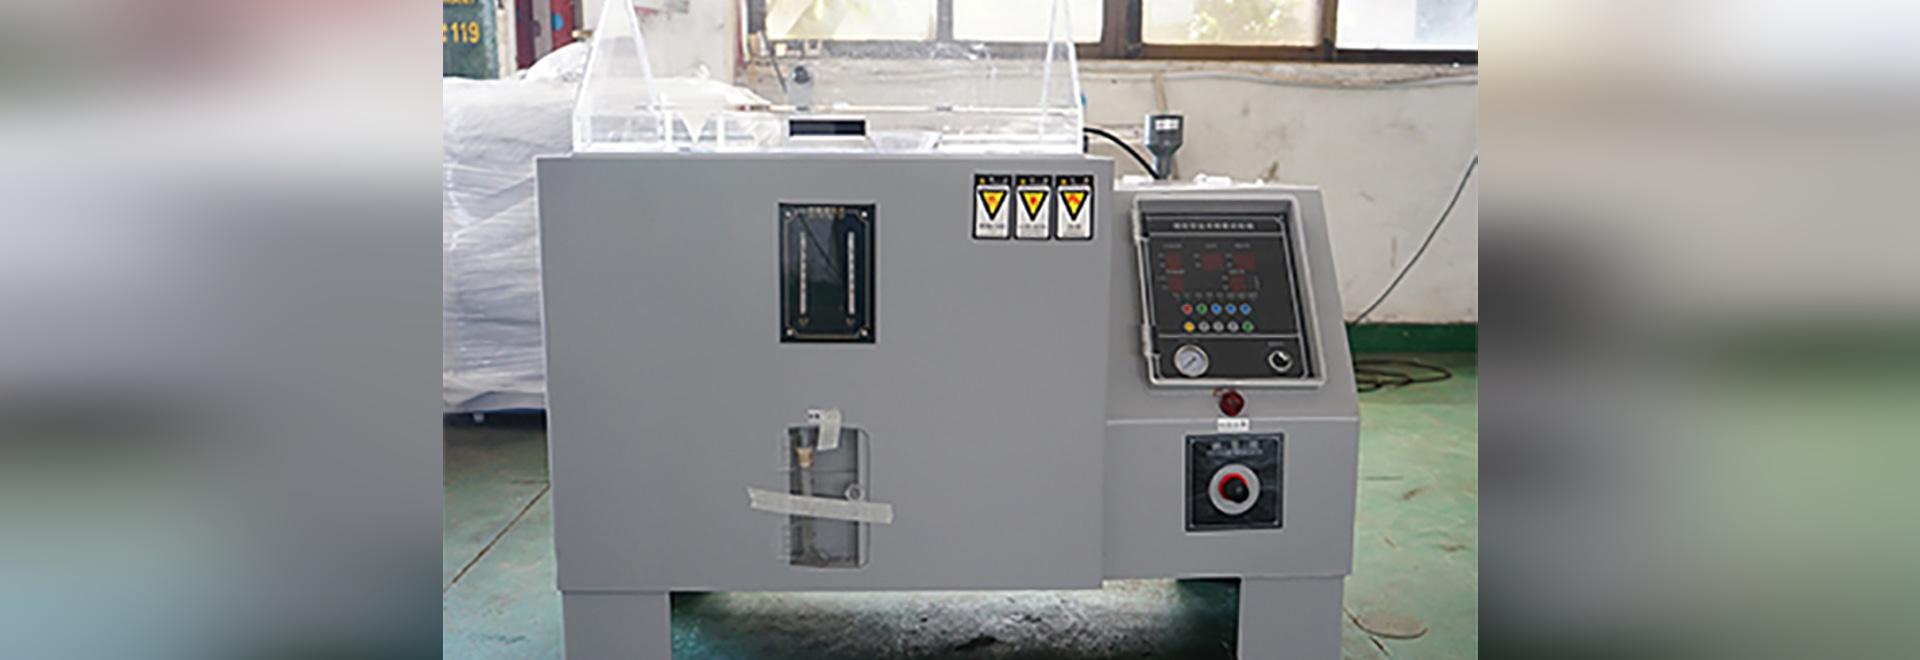 chambre d'essai de corrosion de jet de sel